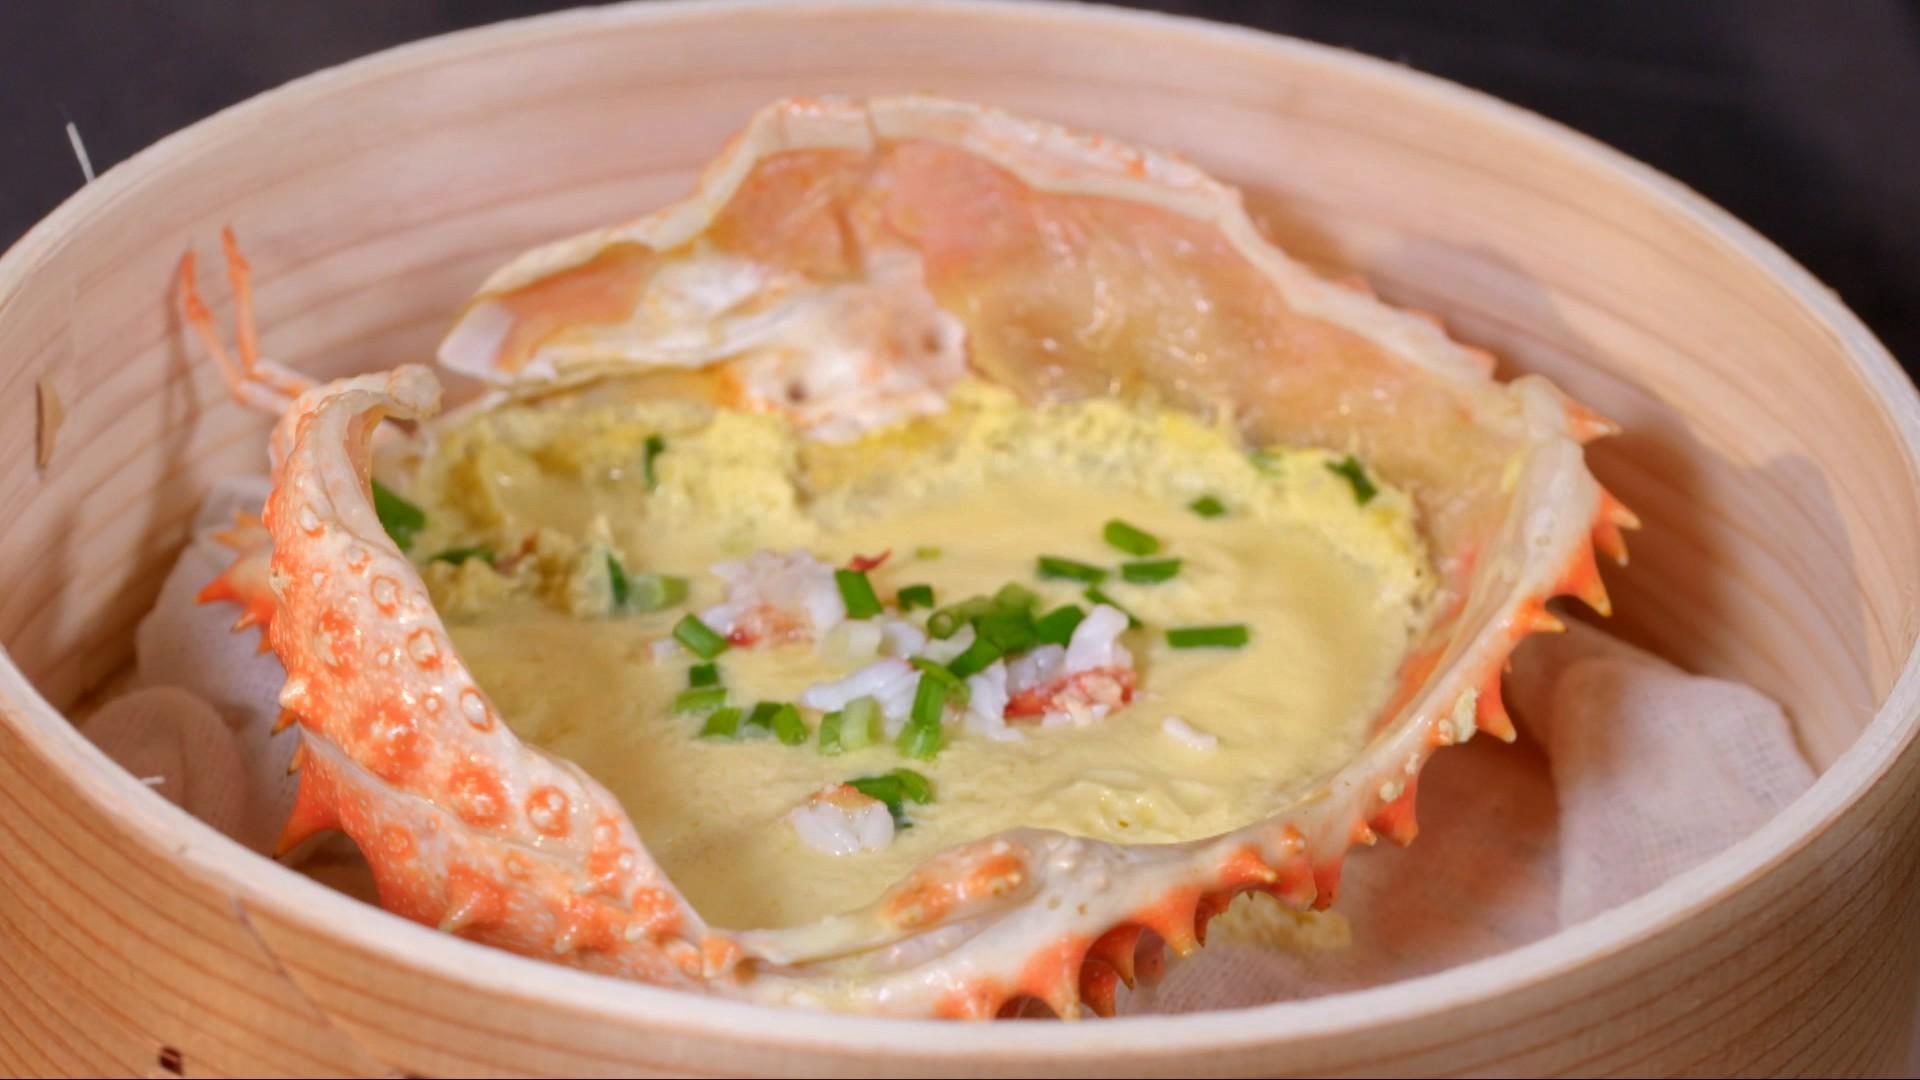 帝王蟹三吃: 给正在减肥的你最好的慰藉